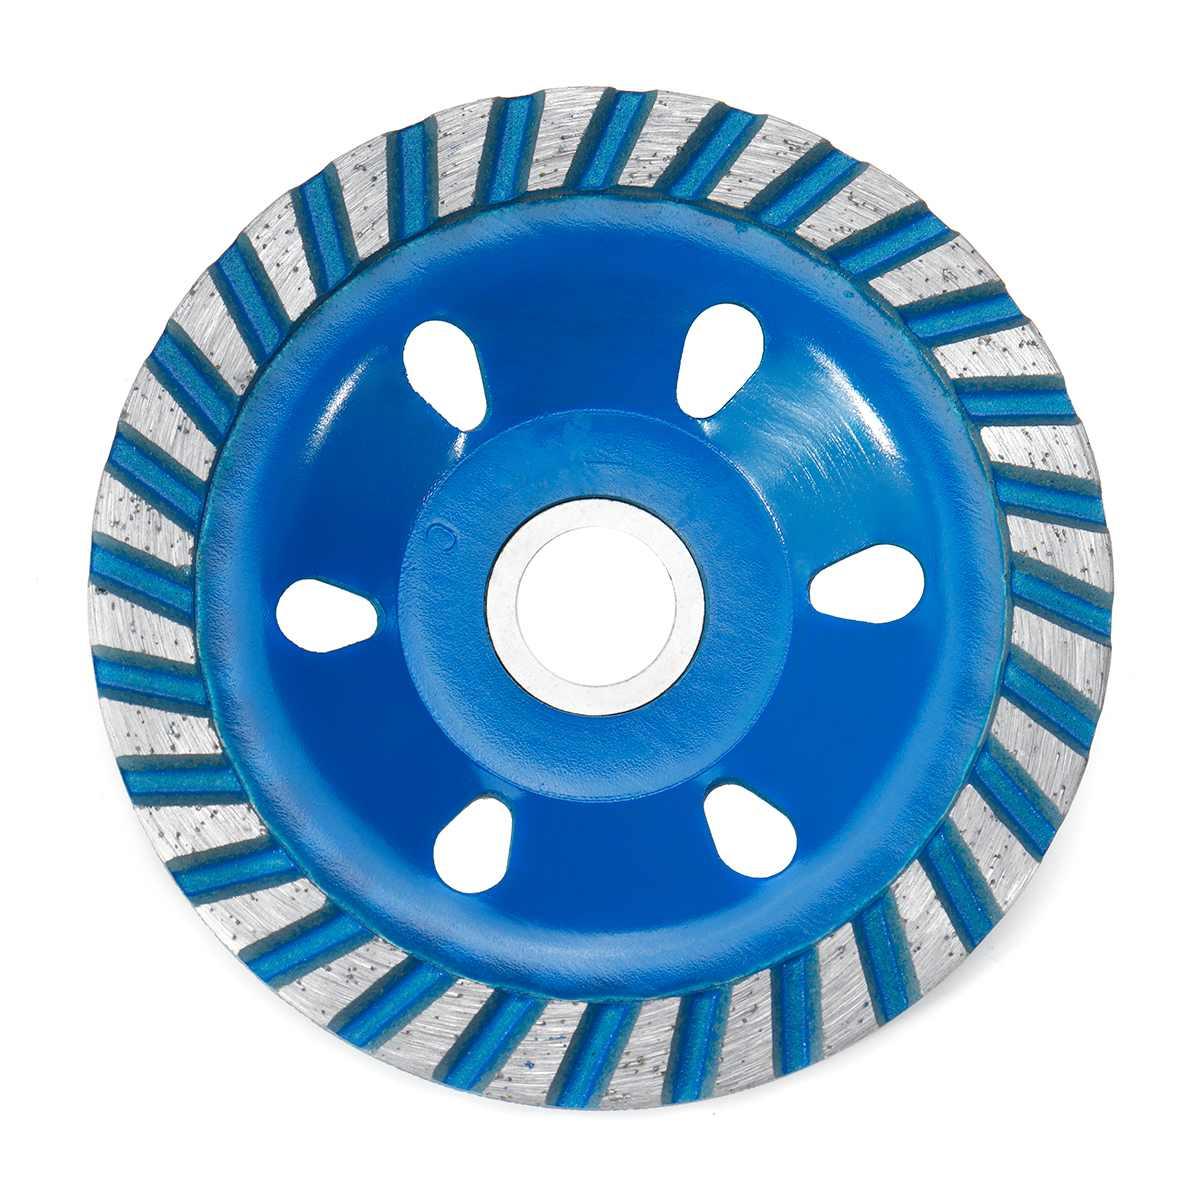 Прочный 5 Тип 4 дюйма 100 мм Алмазный шлифовальный диск шлифовка в форме чаши чашка бетонный гранитный камень Керамика инструменты - Наружный диаметр: Blue